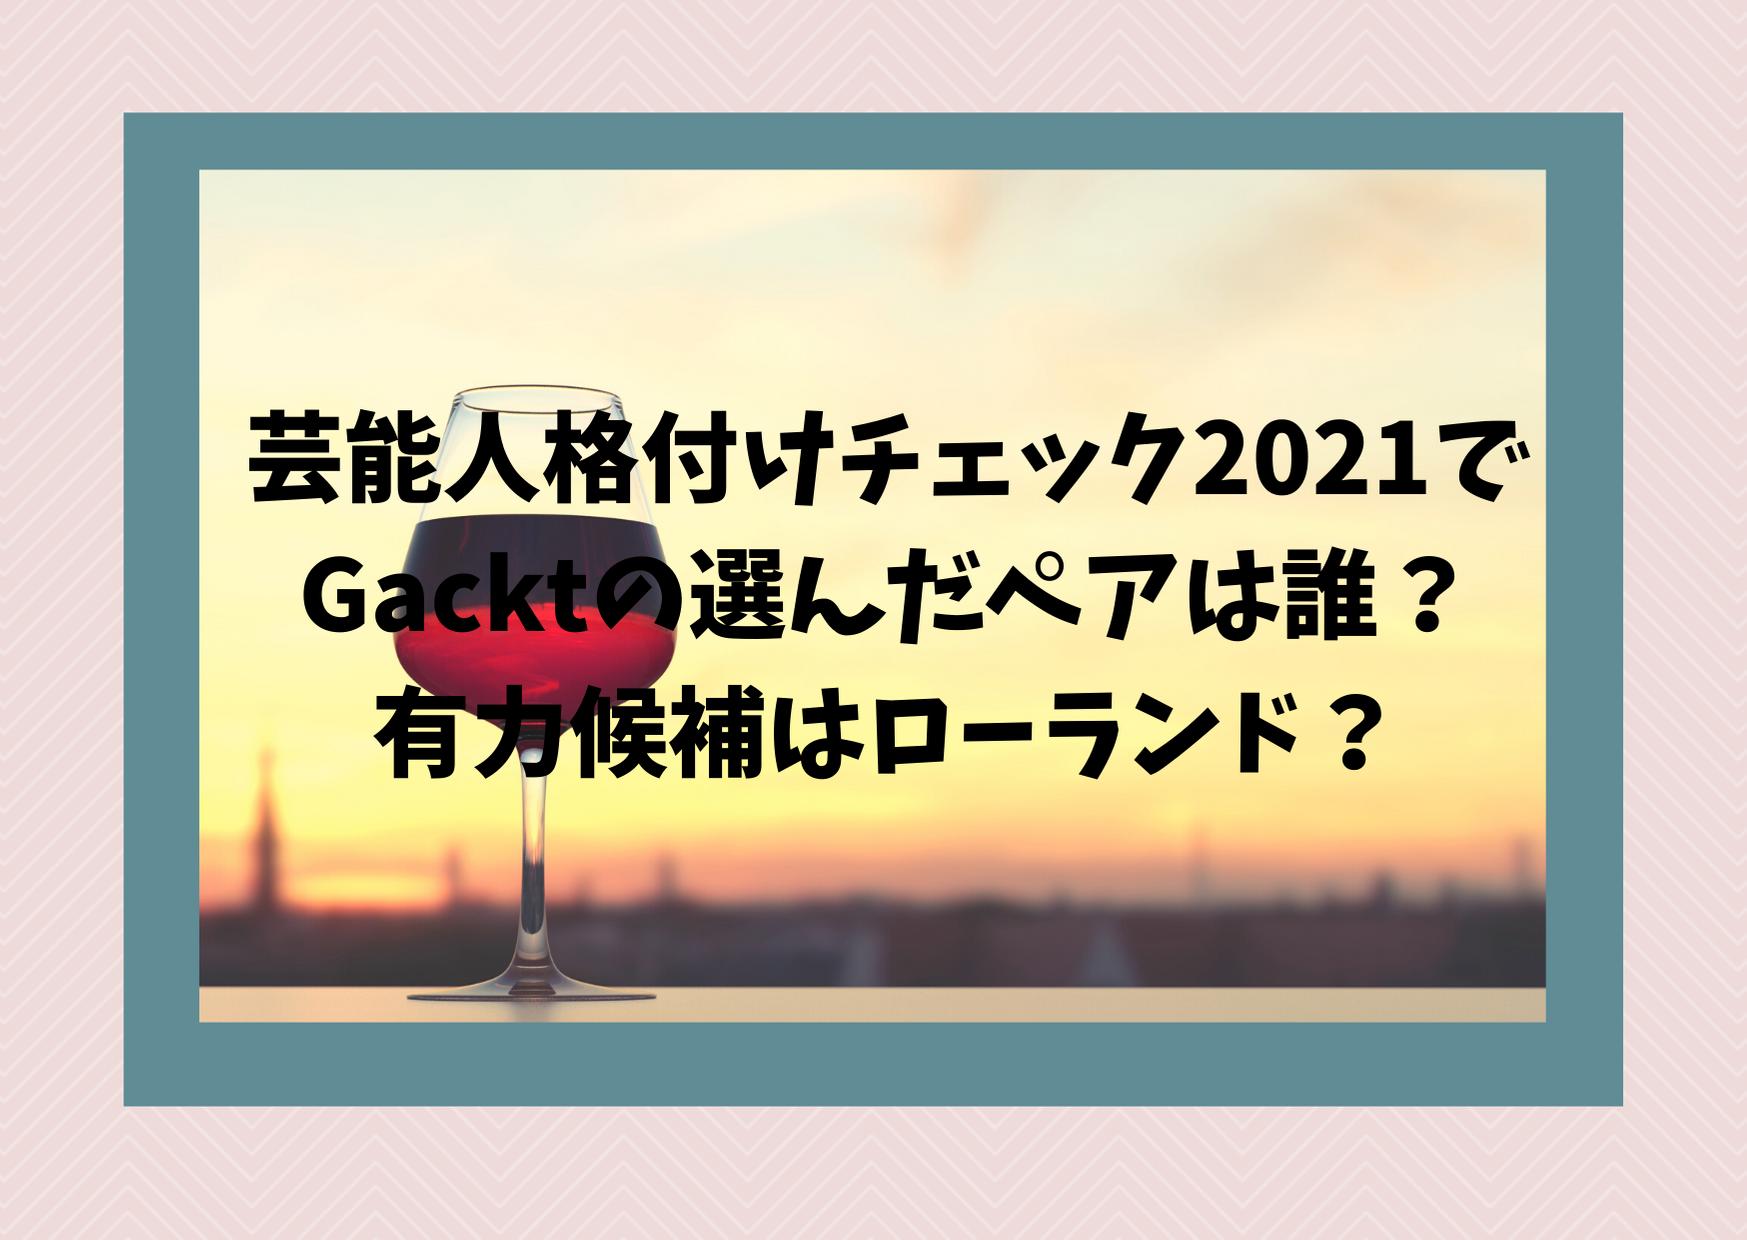 芸能人格付けチェック2021でGacktの選んだペアは誰?有力候補はローランド?